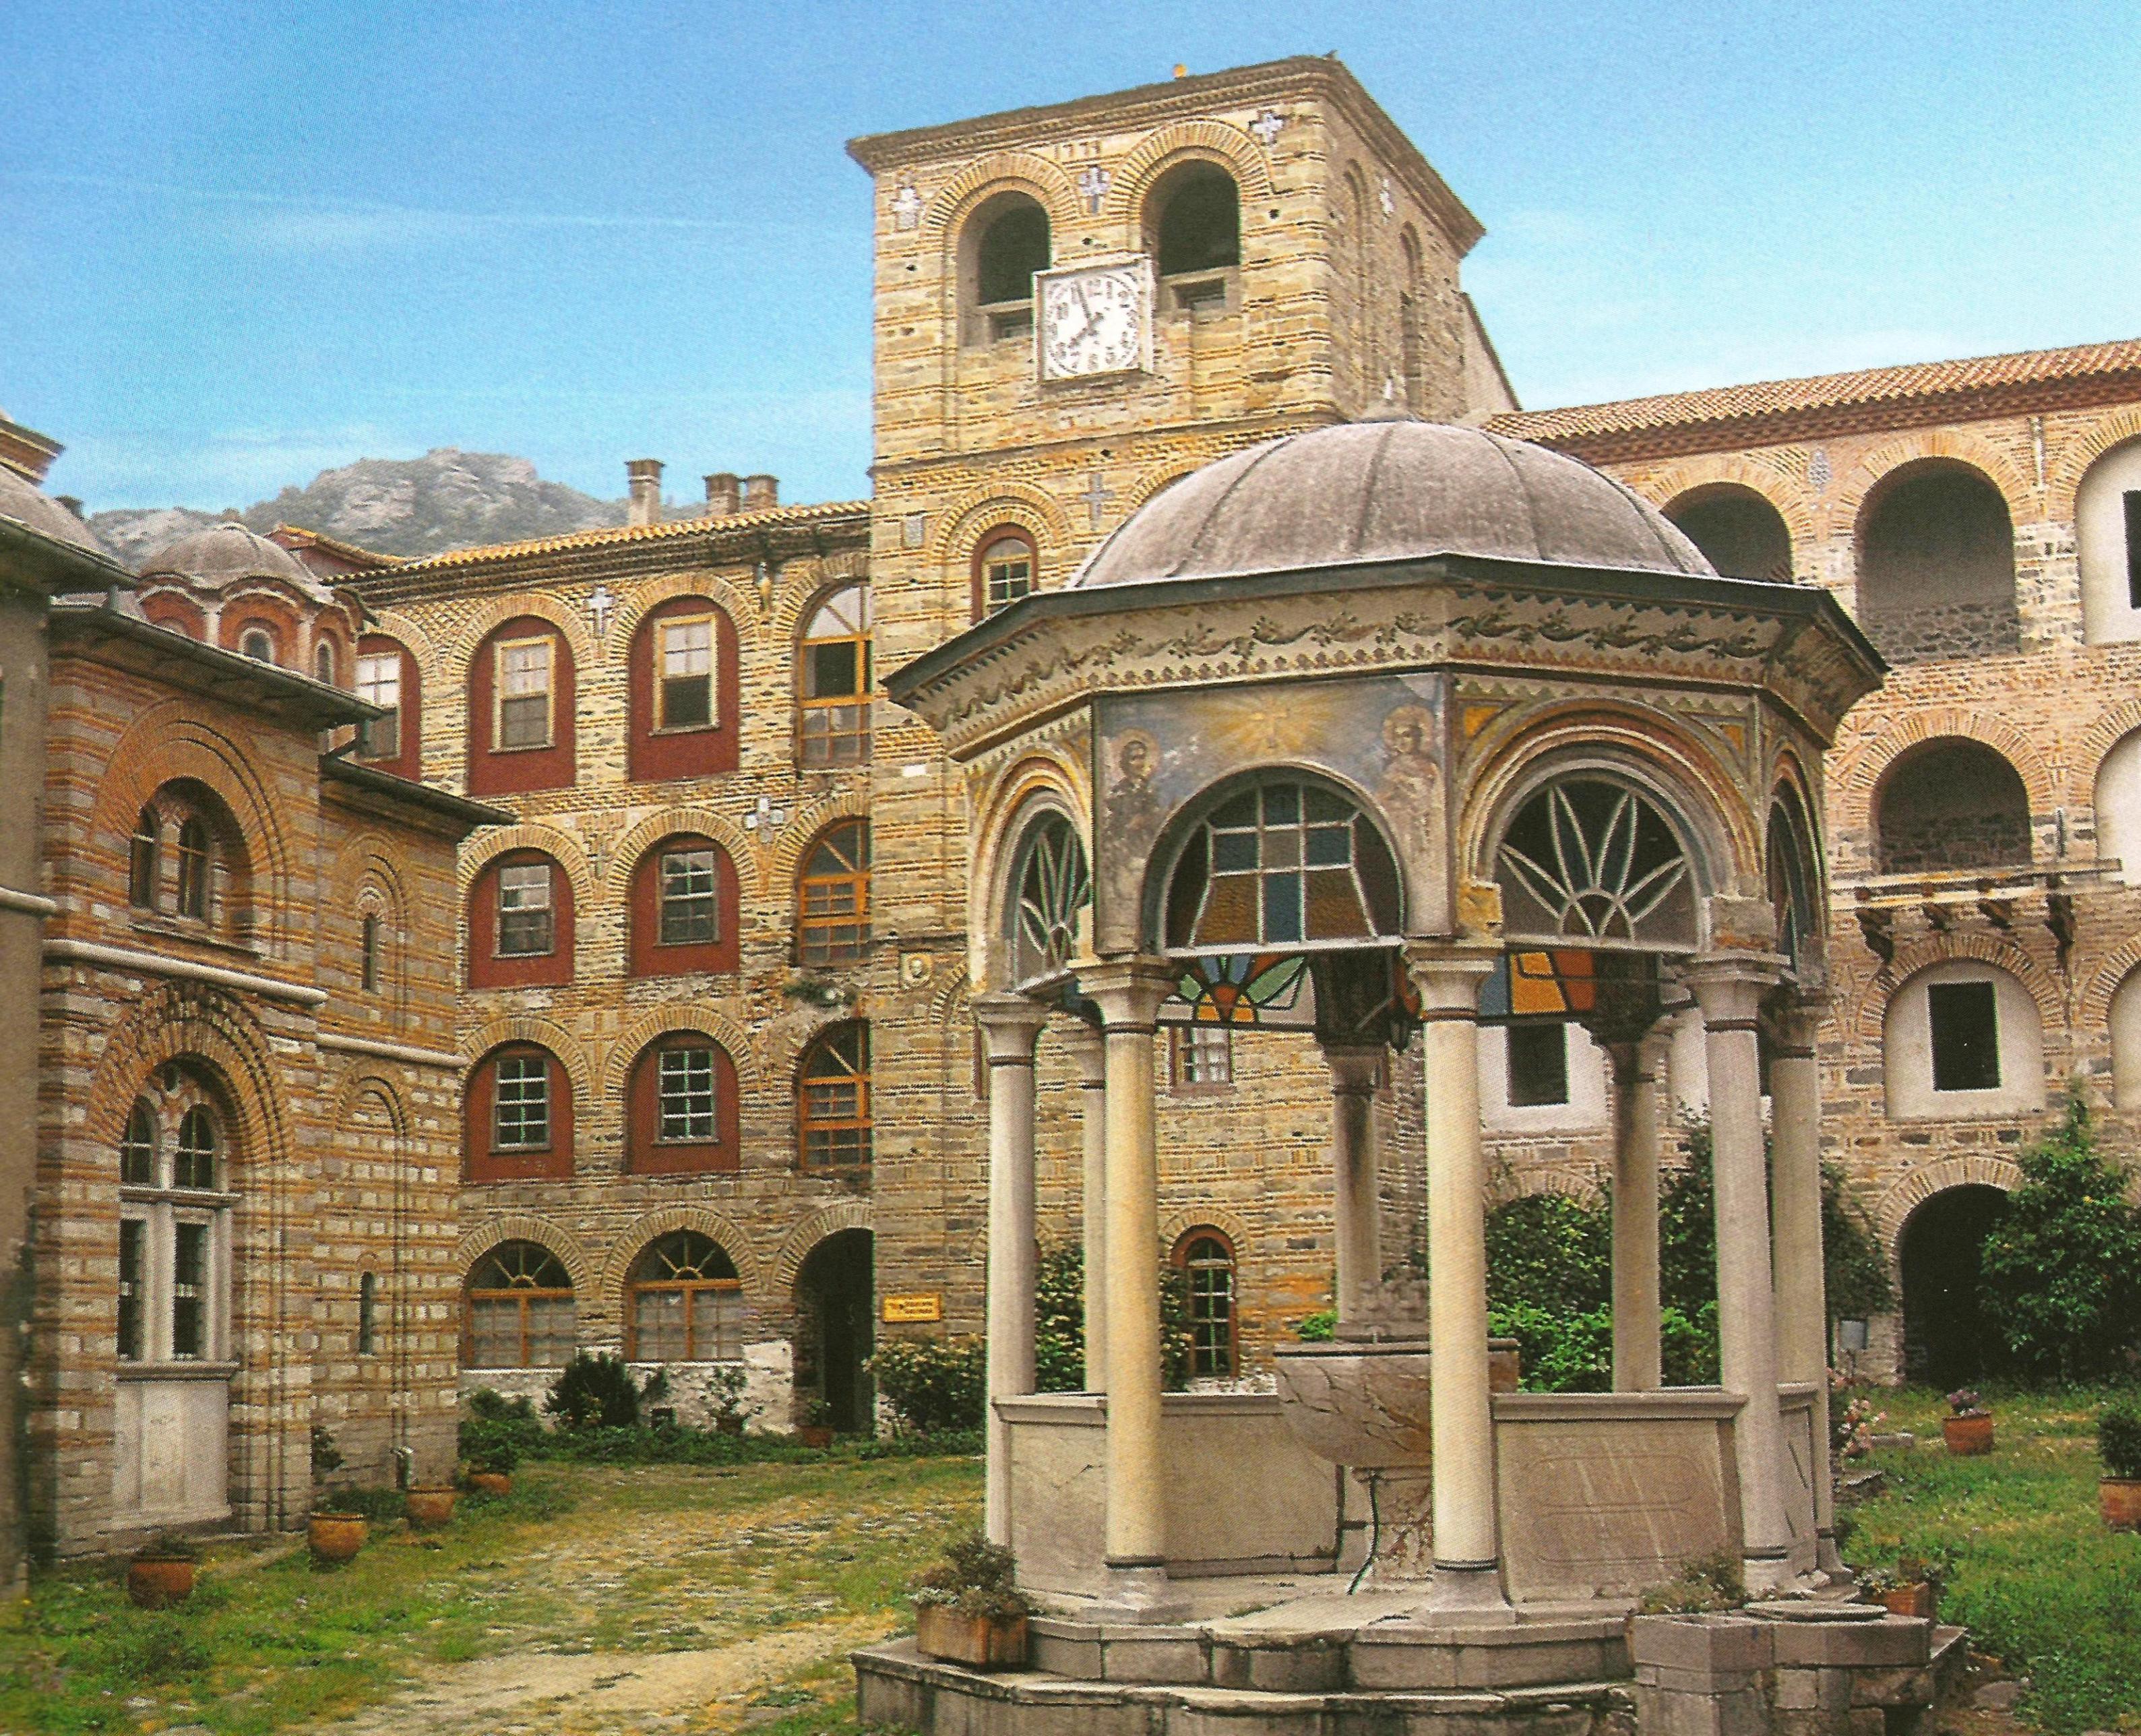 Η Ιερά Μονή Ξηροποτάμου. Εσωτερική άποψη. Holy Monastery of Xeropotamou. Internal view.